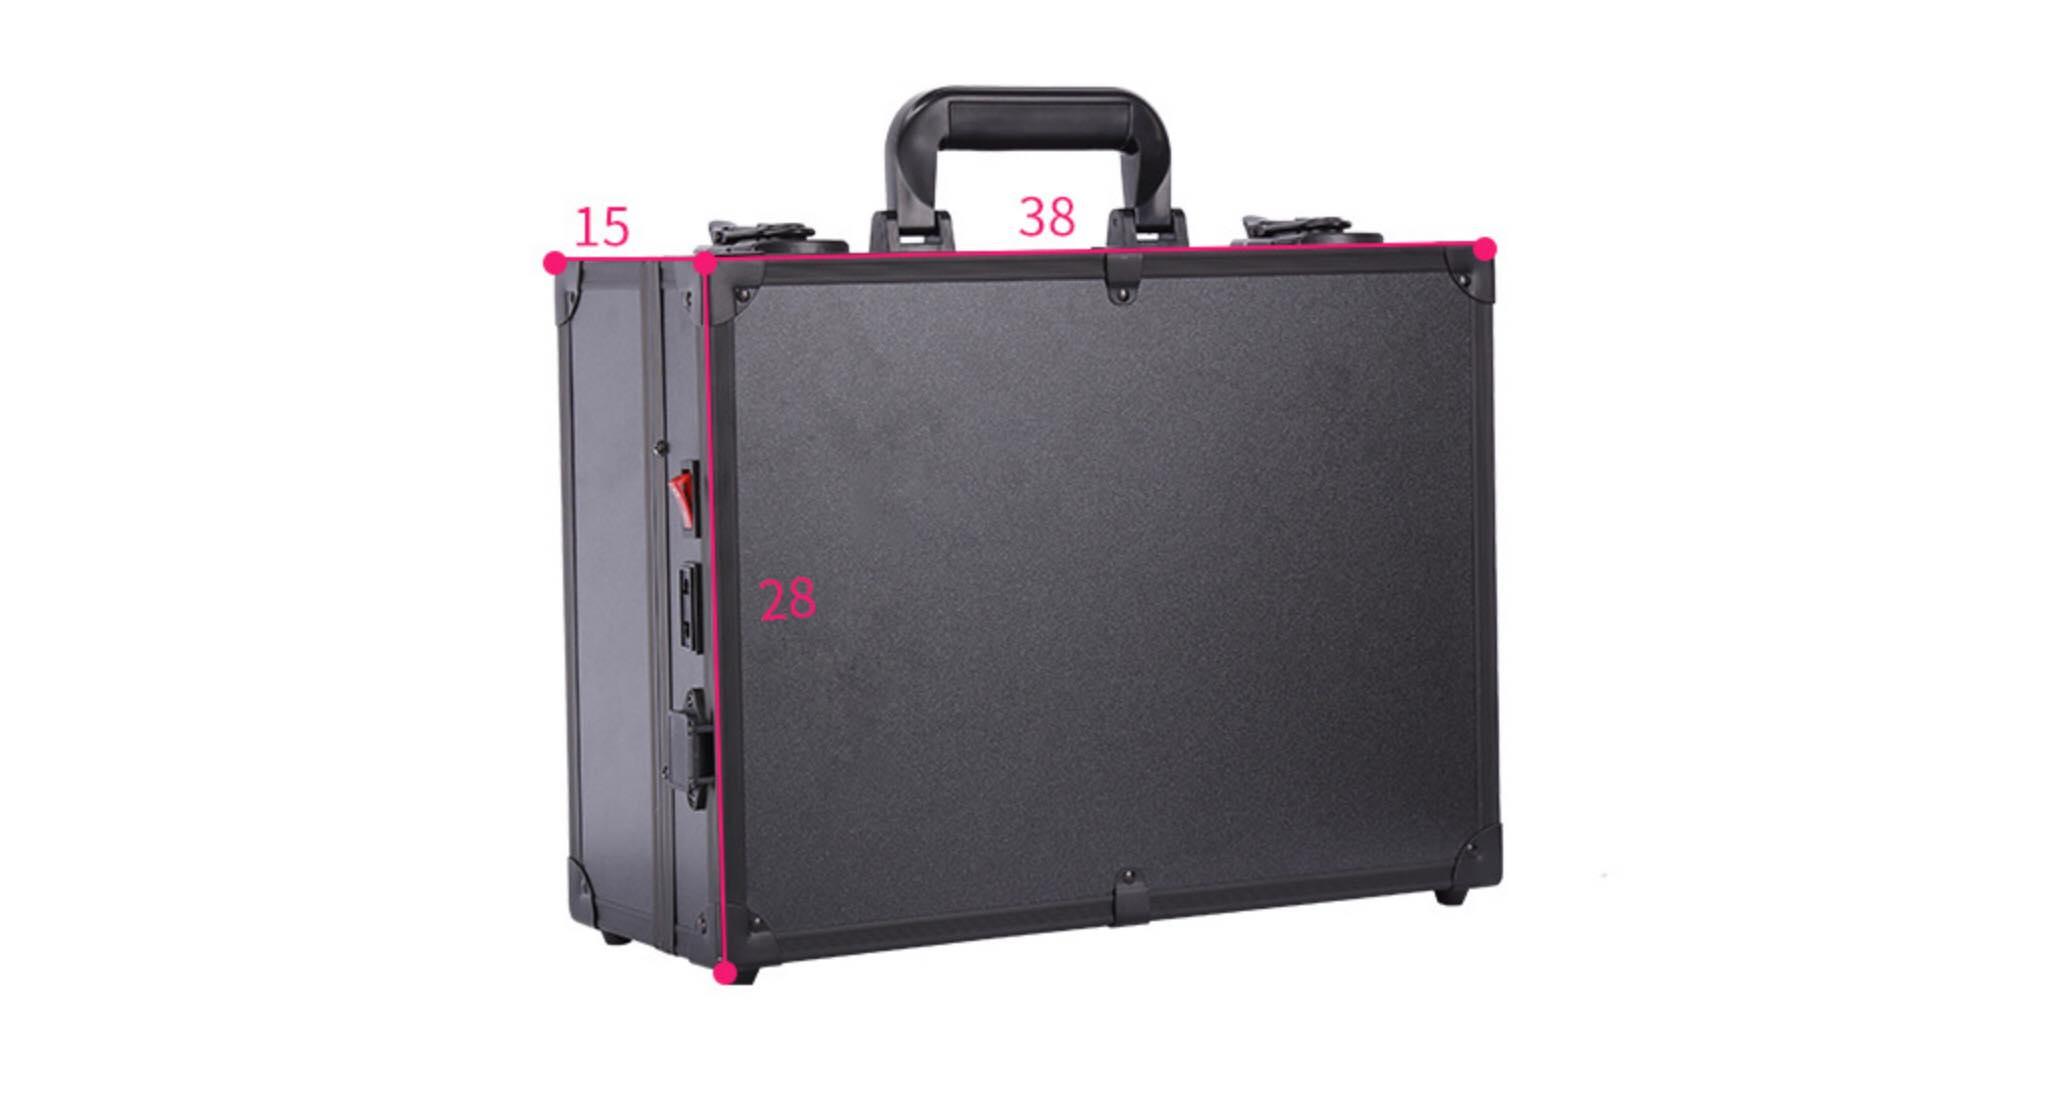 Makeup case dimensions